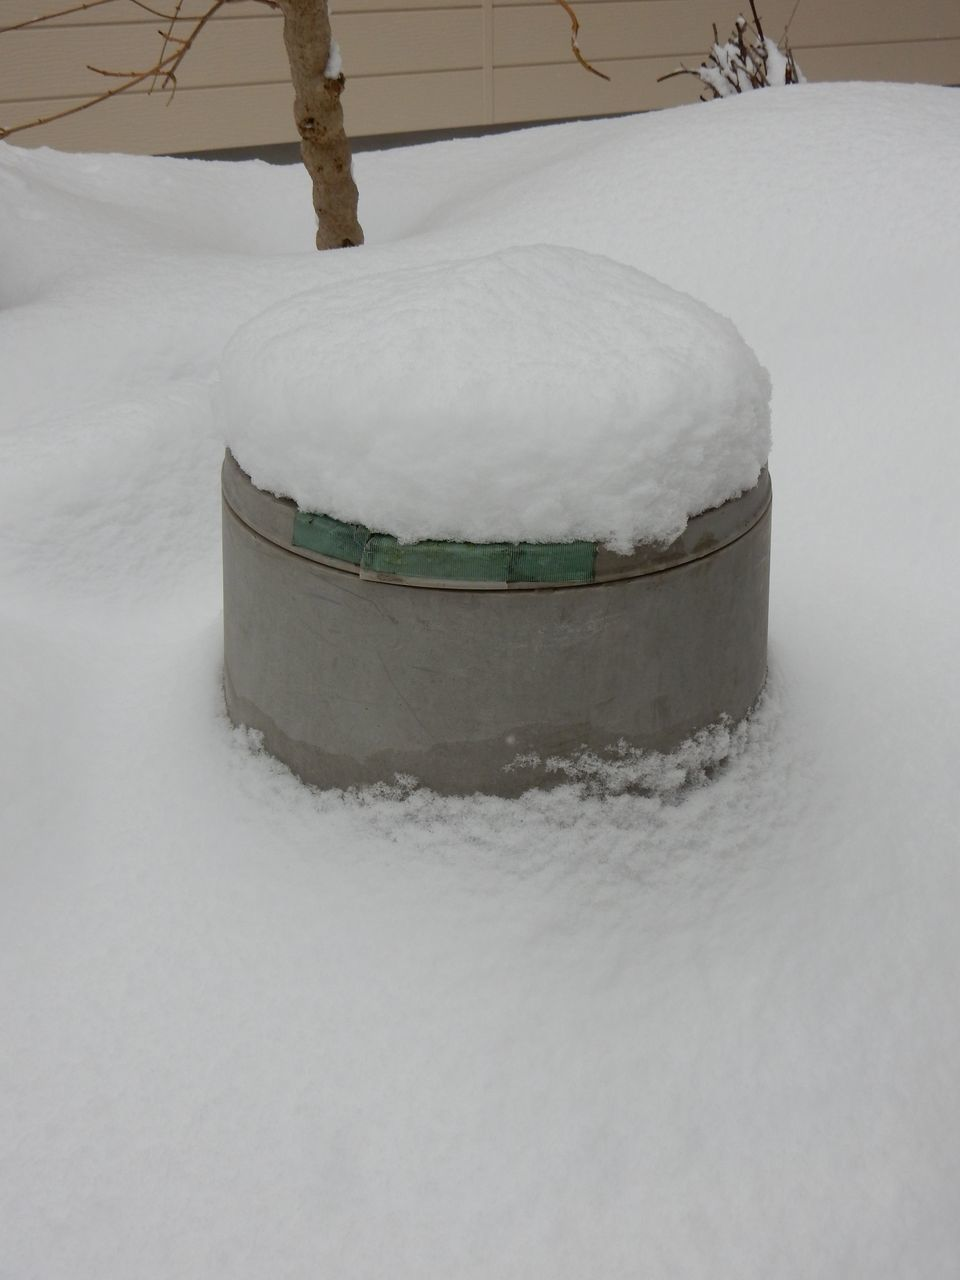 根雪の終日はキャンセルされました_c0025115_22035433.jpg